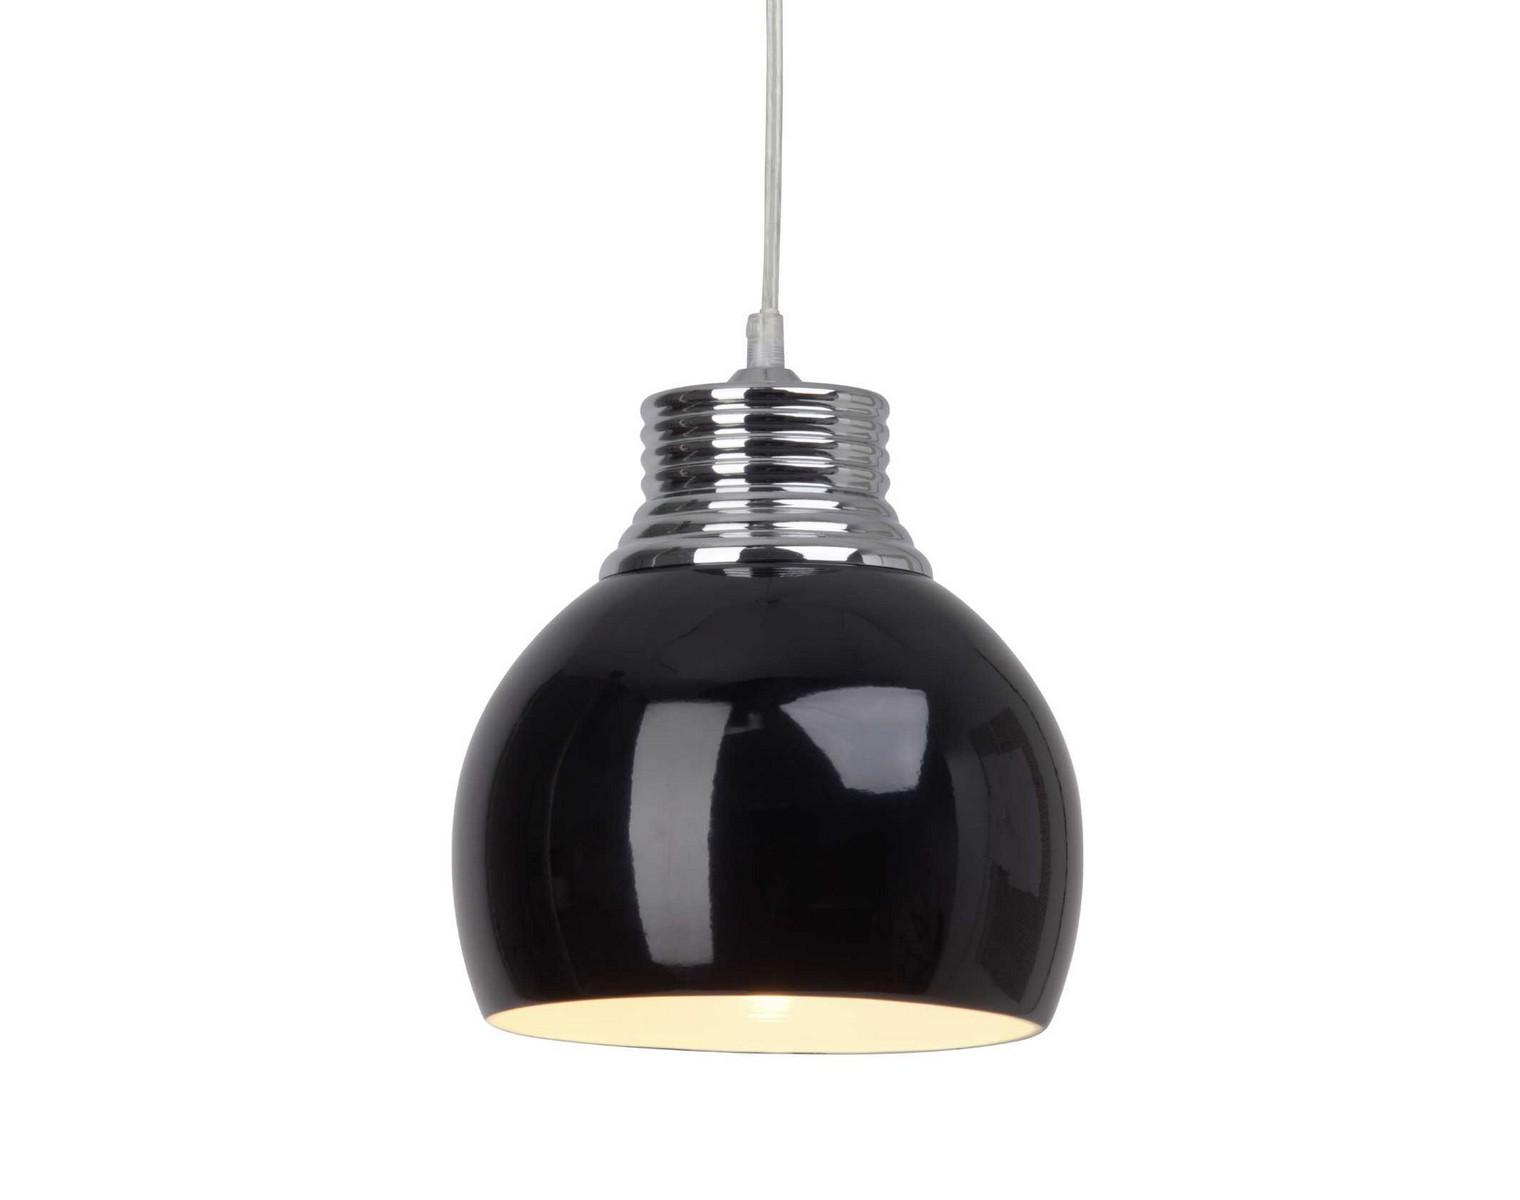 Светильник потолочный с подвесом INAПодвесные светильники<br>&amp;lt;div&amp;gt;Вид цоколя: Е27&amp;lt;/div&amp;gt;&amp;lt;div&amp;gt;Мощность лампы: 60W&amp;lt;/div&amp;gt;&amp;lt;div&amp;gt;Количество ламп: 1&amp;lt;/div&amp;gt;&amp;lt;div&amp;gt;Наличие ламп: нет&amp;lt;/div&amp;gt;<br><br>Material: Металл<br>Высота см: 110